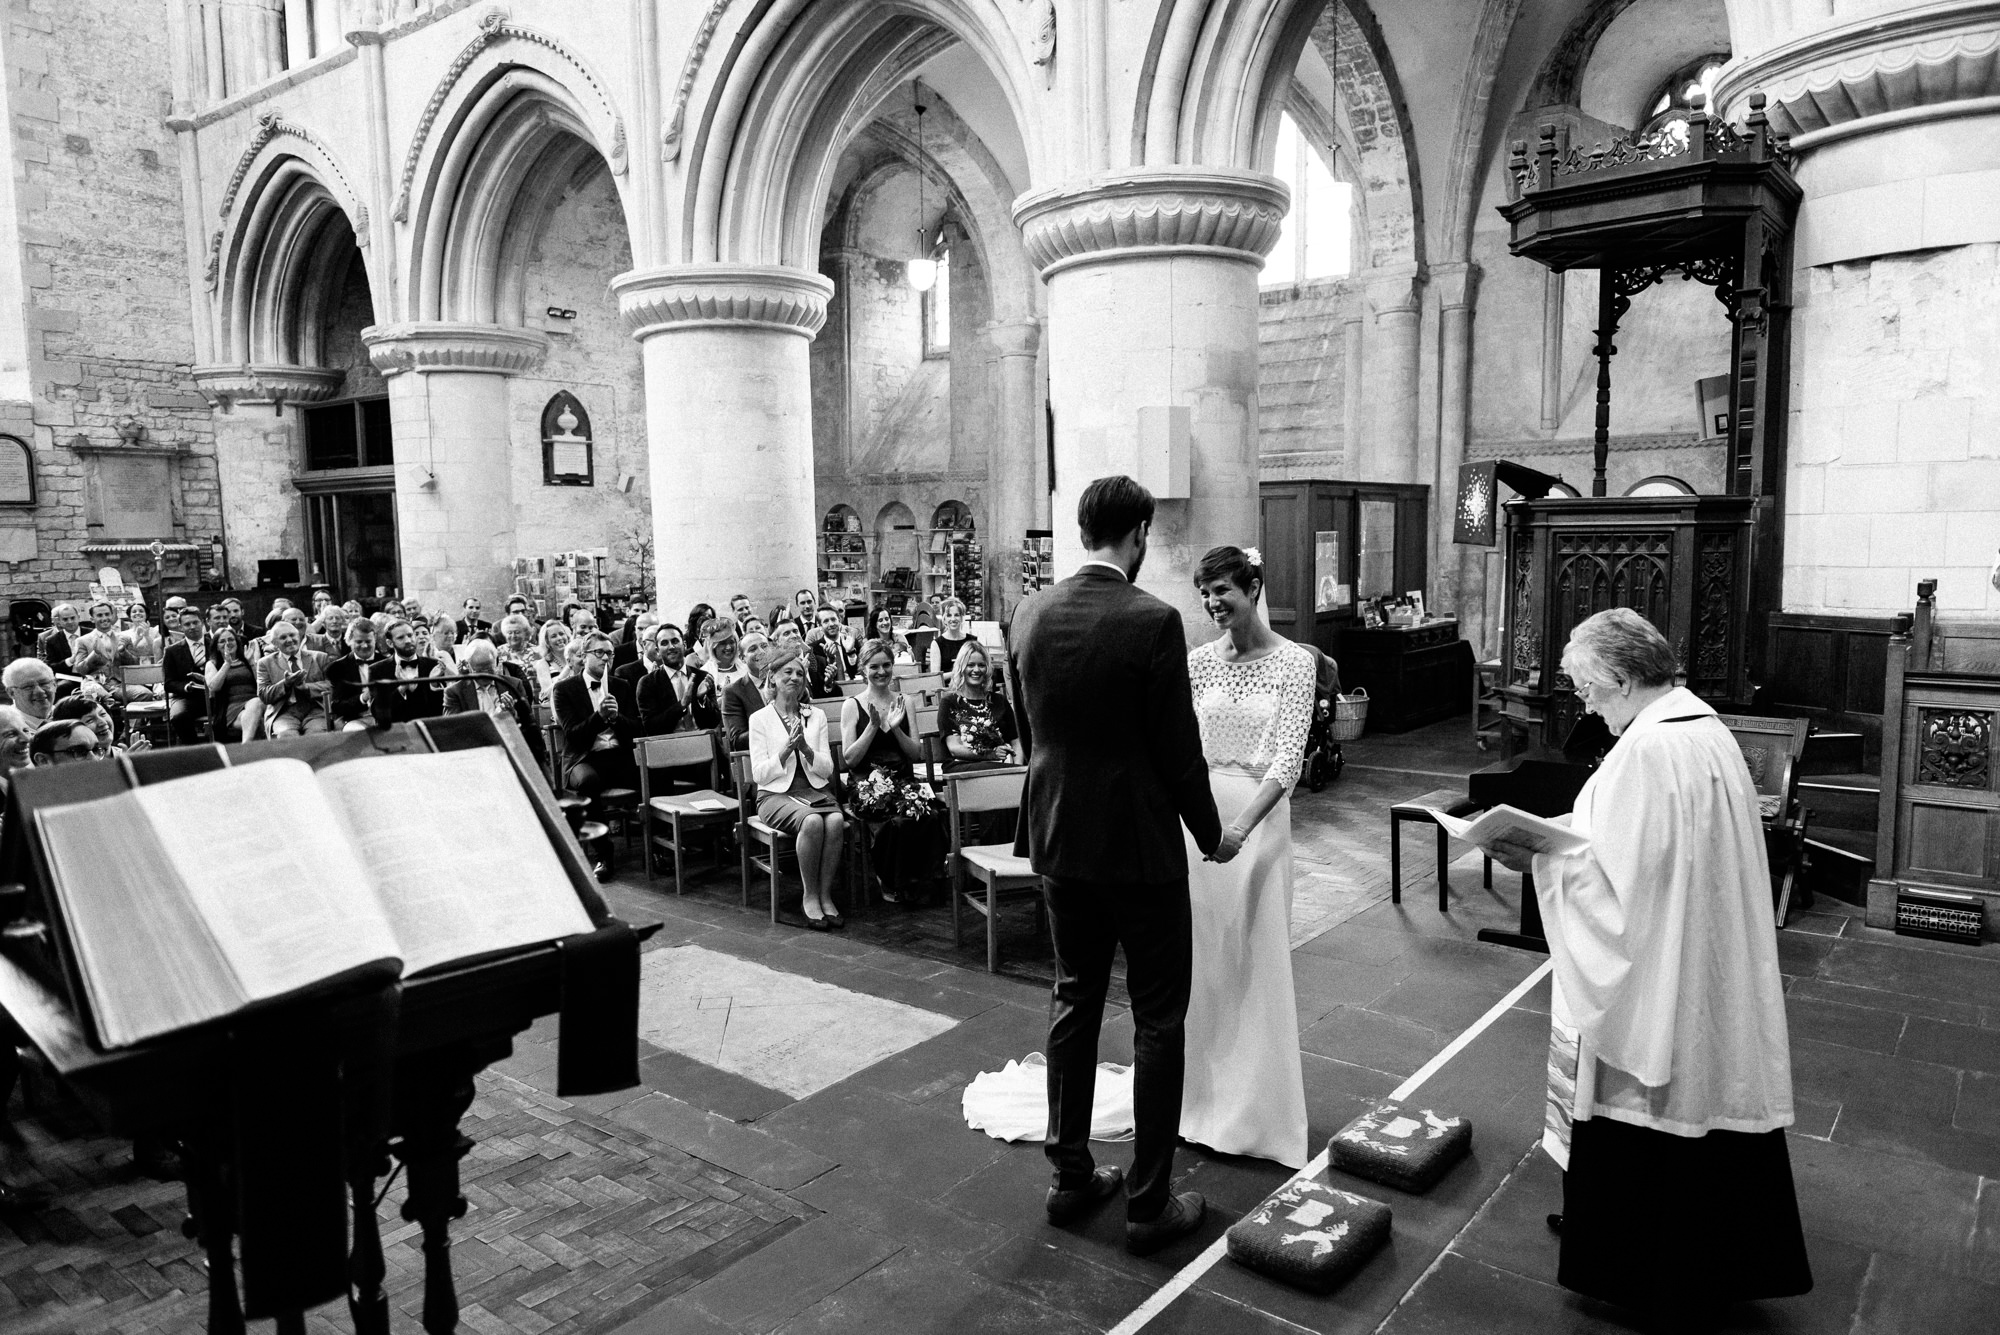 malmsbury-abbey-wedding-35